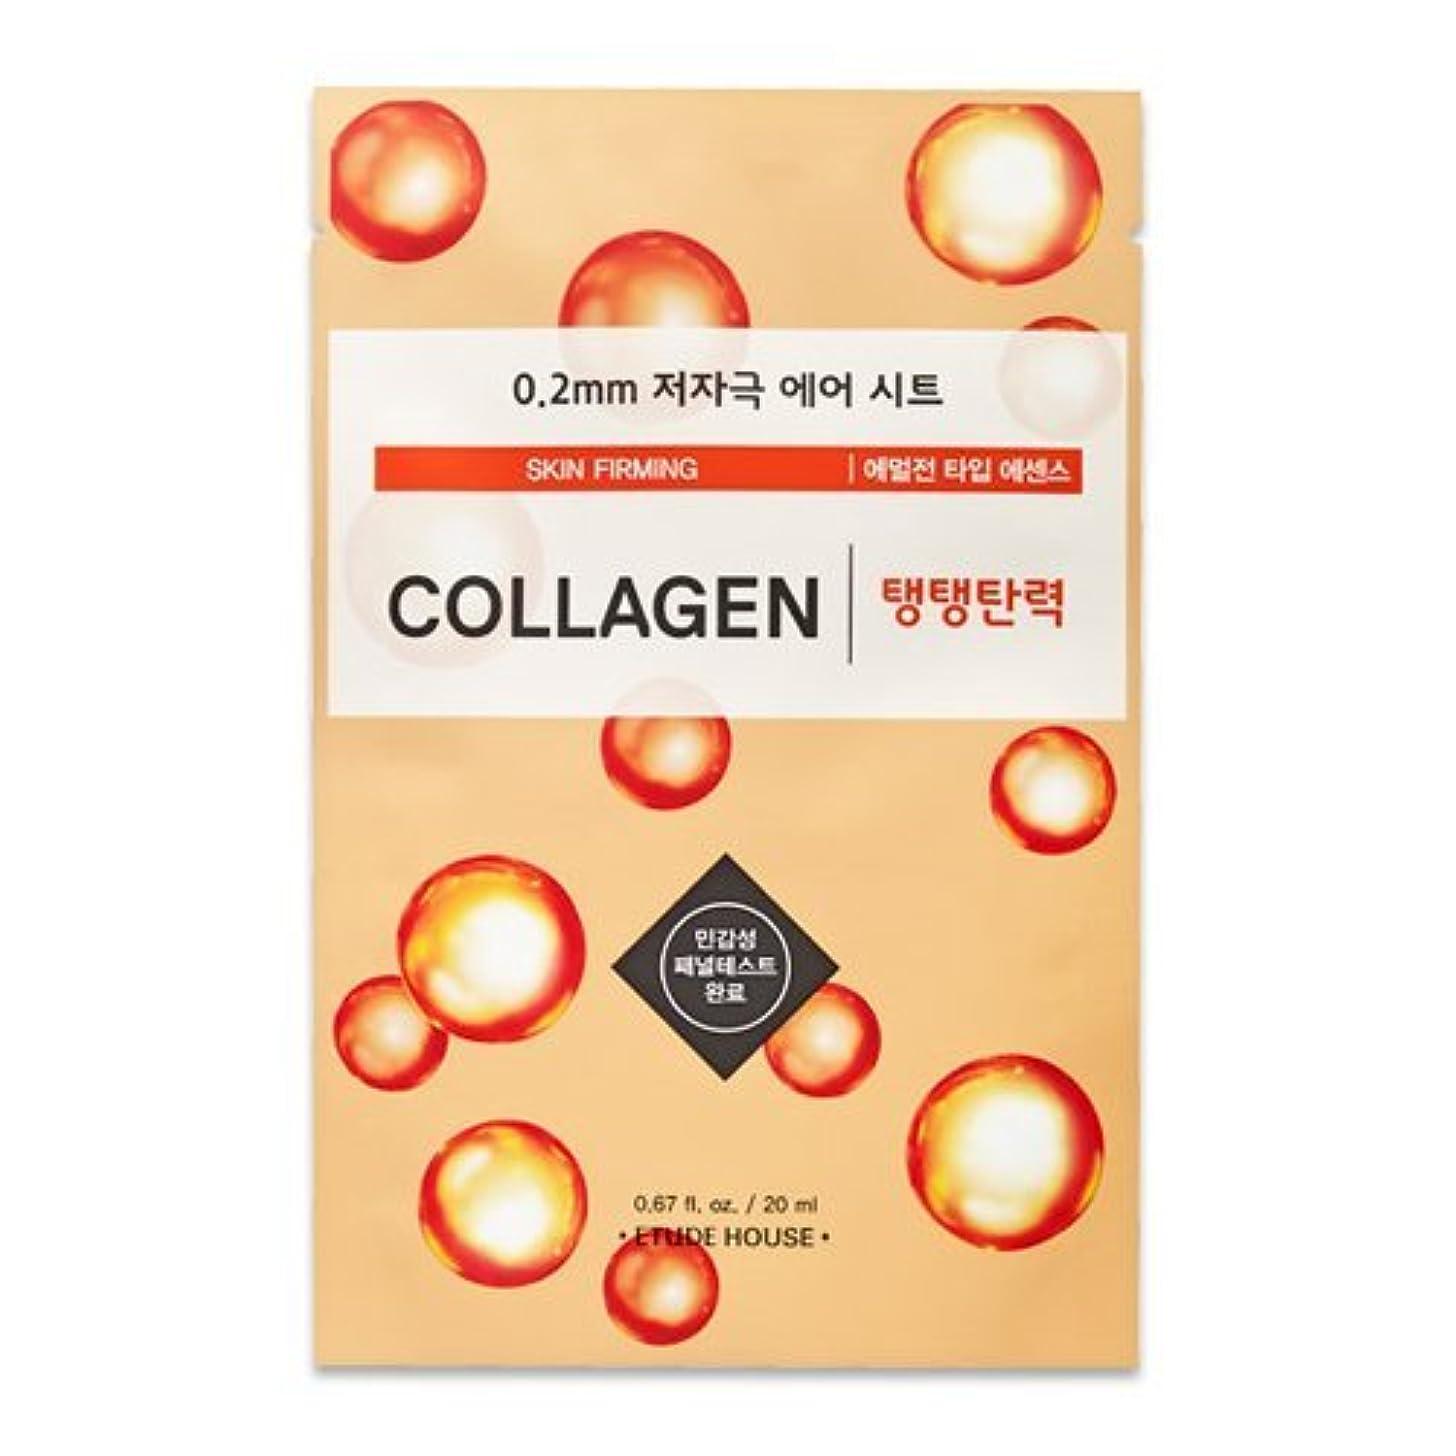 ましい鼻私たちETUDE HOUSE 0.2 Therapy Air Mask 20ml×10ea (#12 Collagen)/エチュードハウス 0.2 セラピー エア マスク 20ml×10枚 (#12 Collagen)